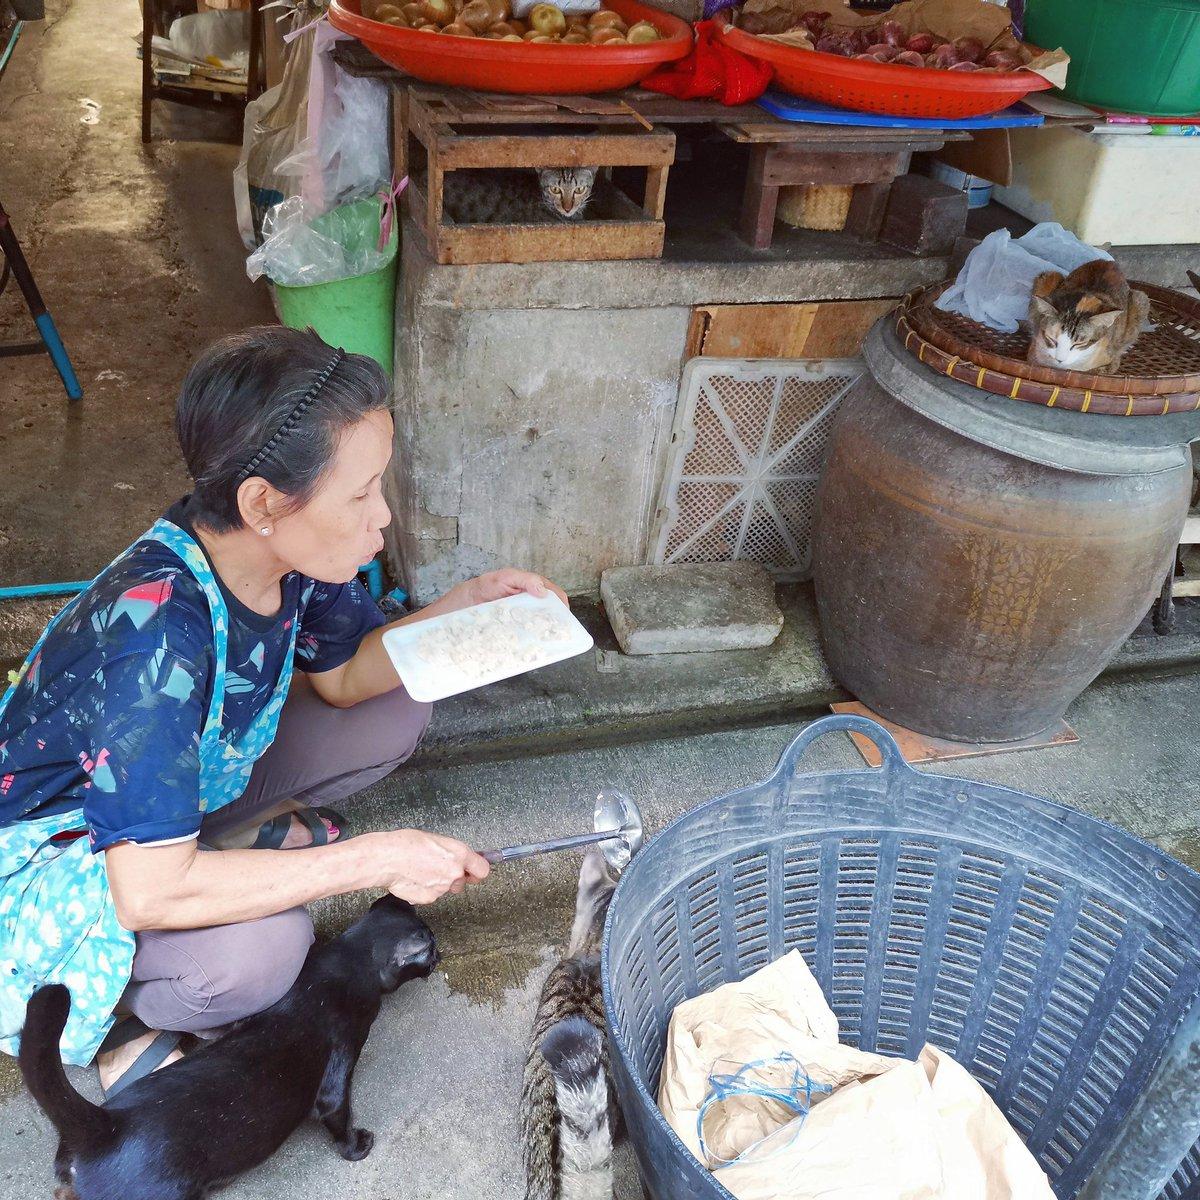 タイ人は動物をとても大切にします。 市場の八百屋の方が猫に餌を与えていました🐈 野良犬も野良猫も、可愛がられていますよ!  #スカーレット #株式会社スカーレット  #不動産相談 #不動産情報 #Thailand #Bangkok #タイ #バンコク #thai #猫 #野良猫 #cat #cats